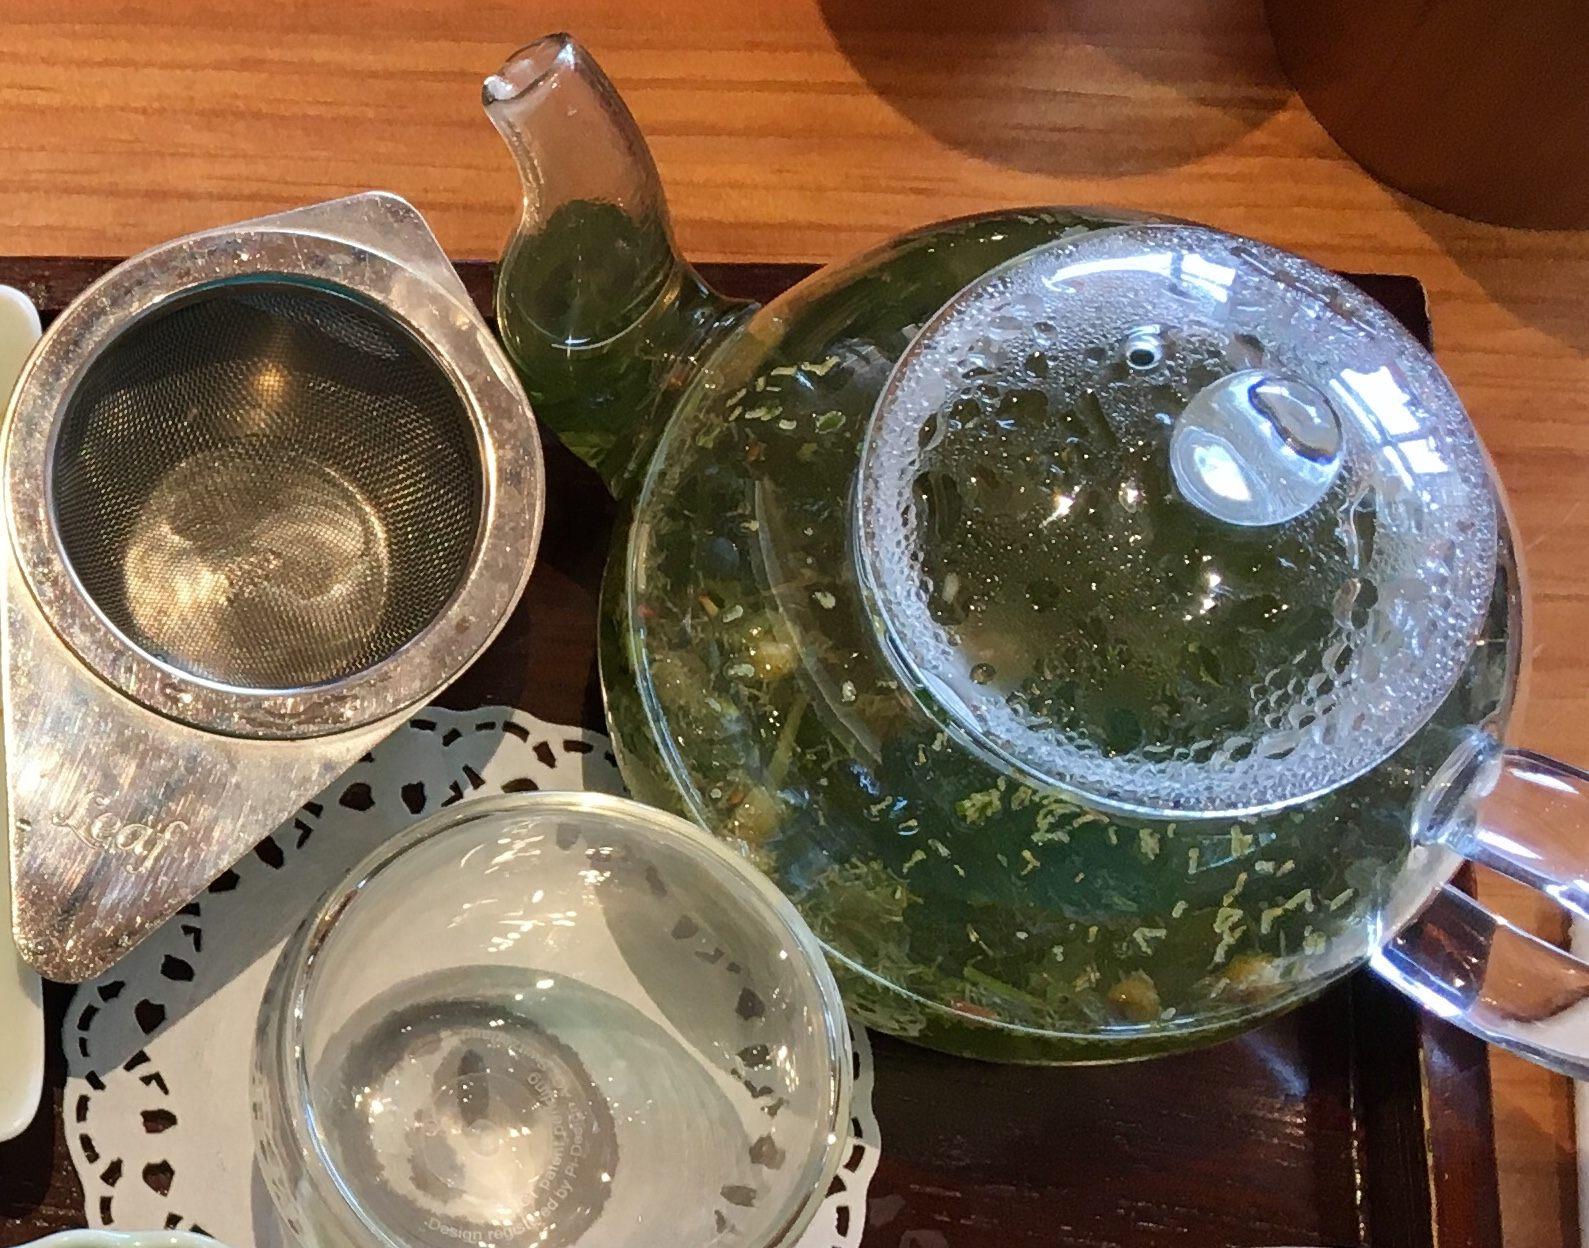 与茶叶专卖老店共同开发的健康茶 Beppin-cha